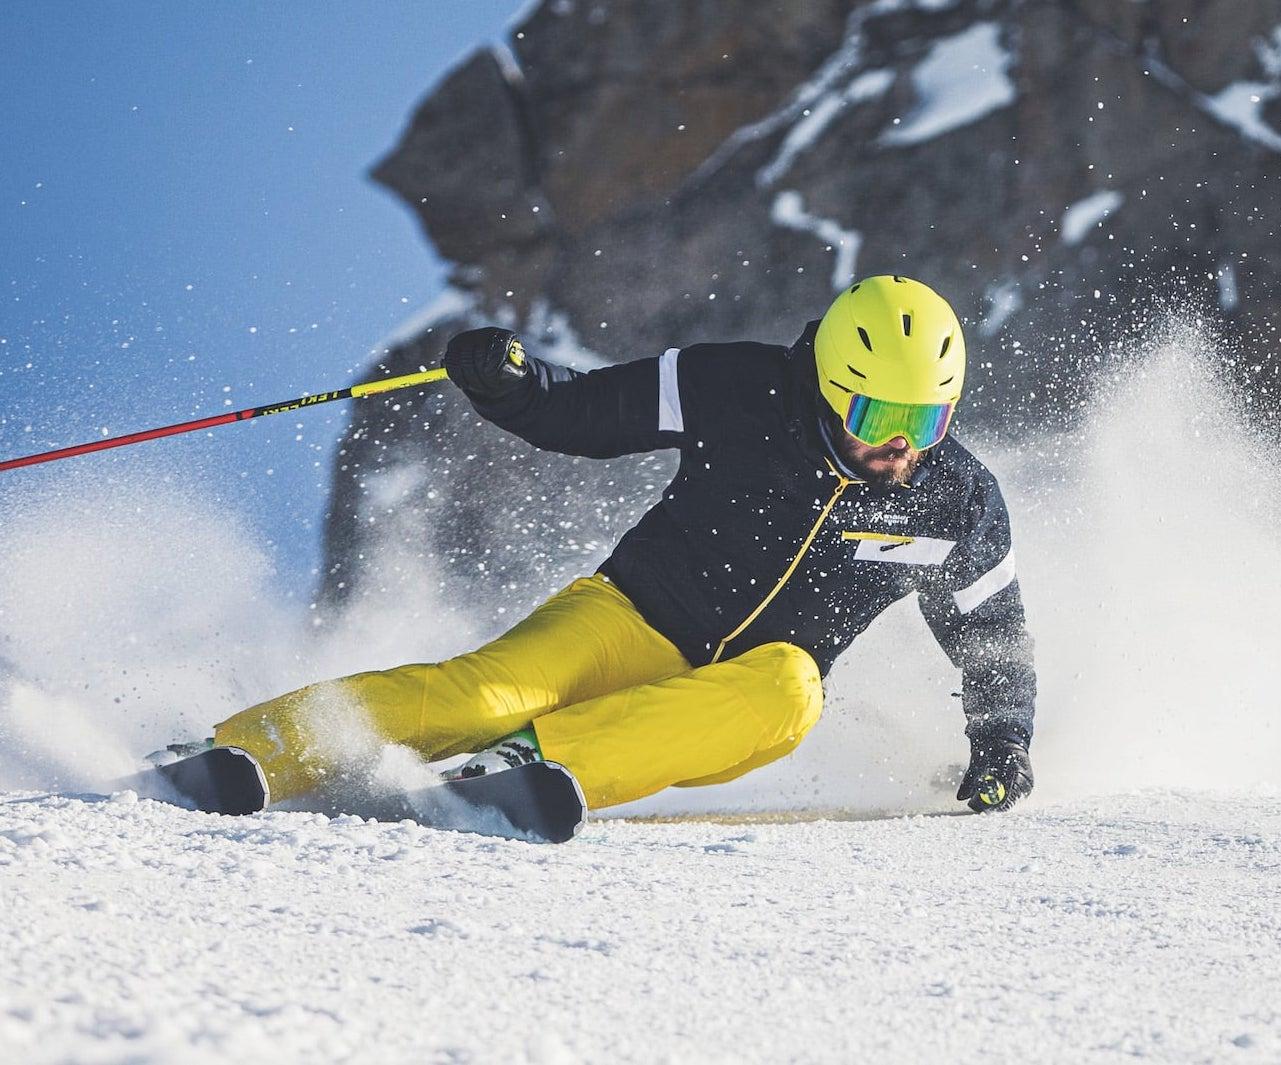 Aktionswoche Ski-Service ab 29.10.